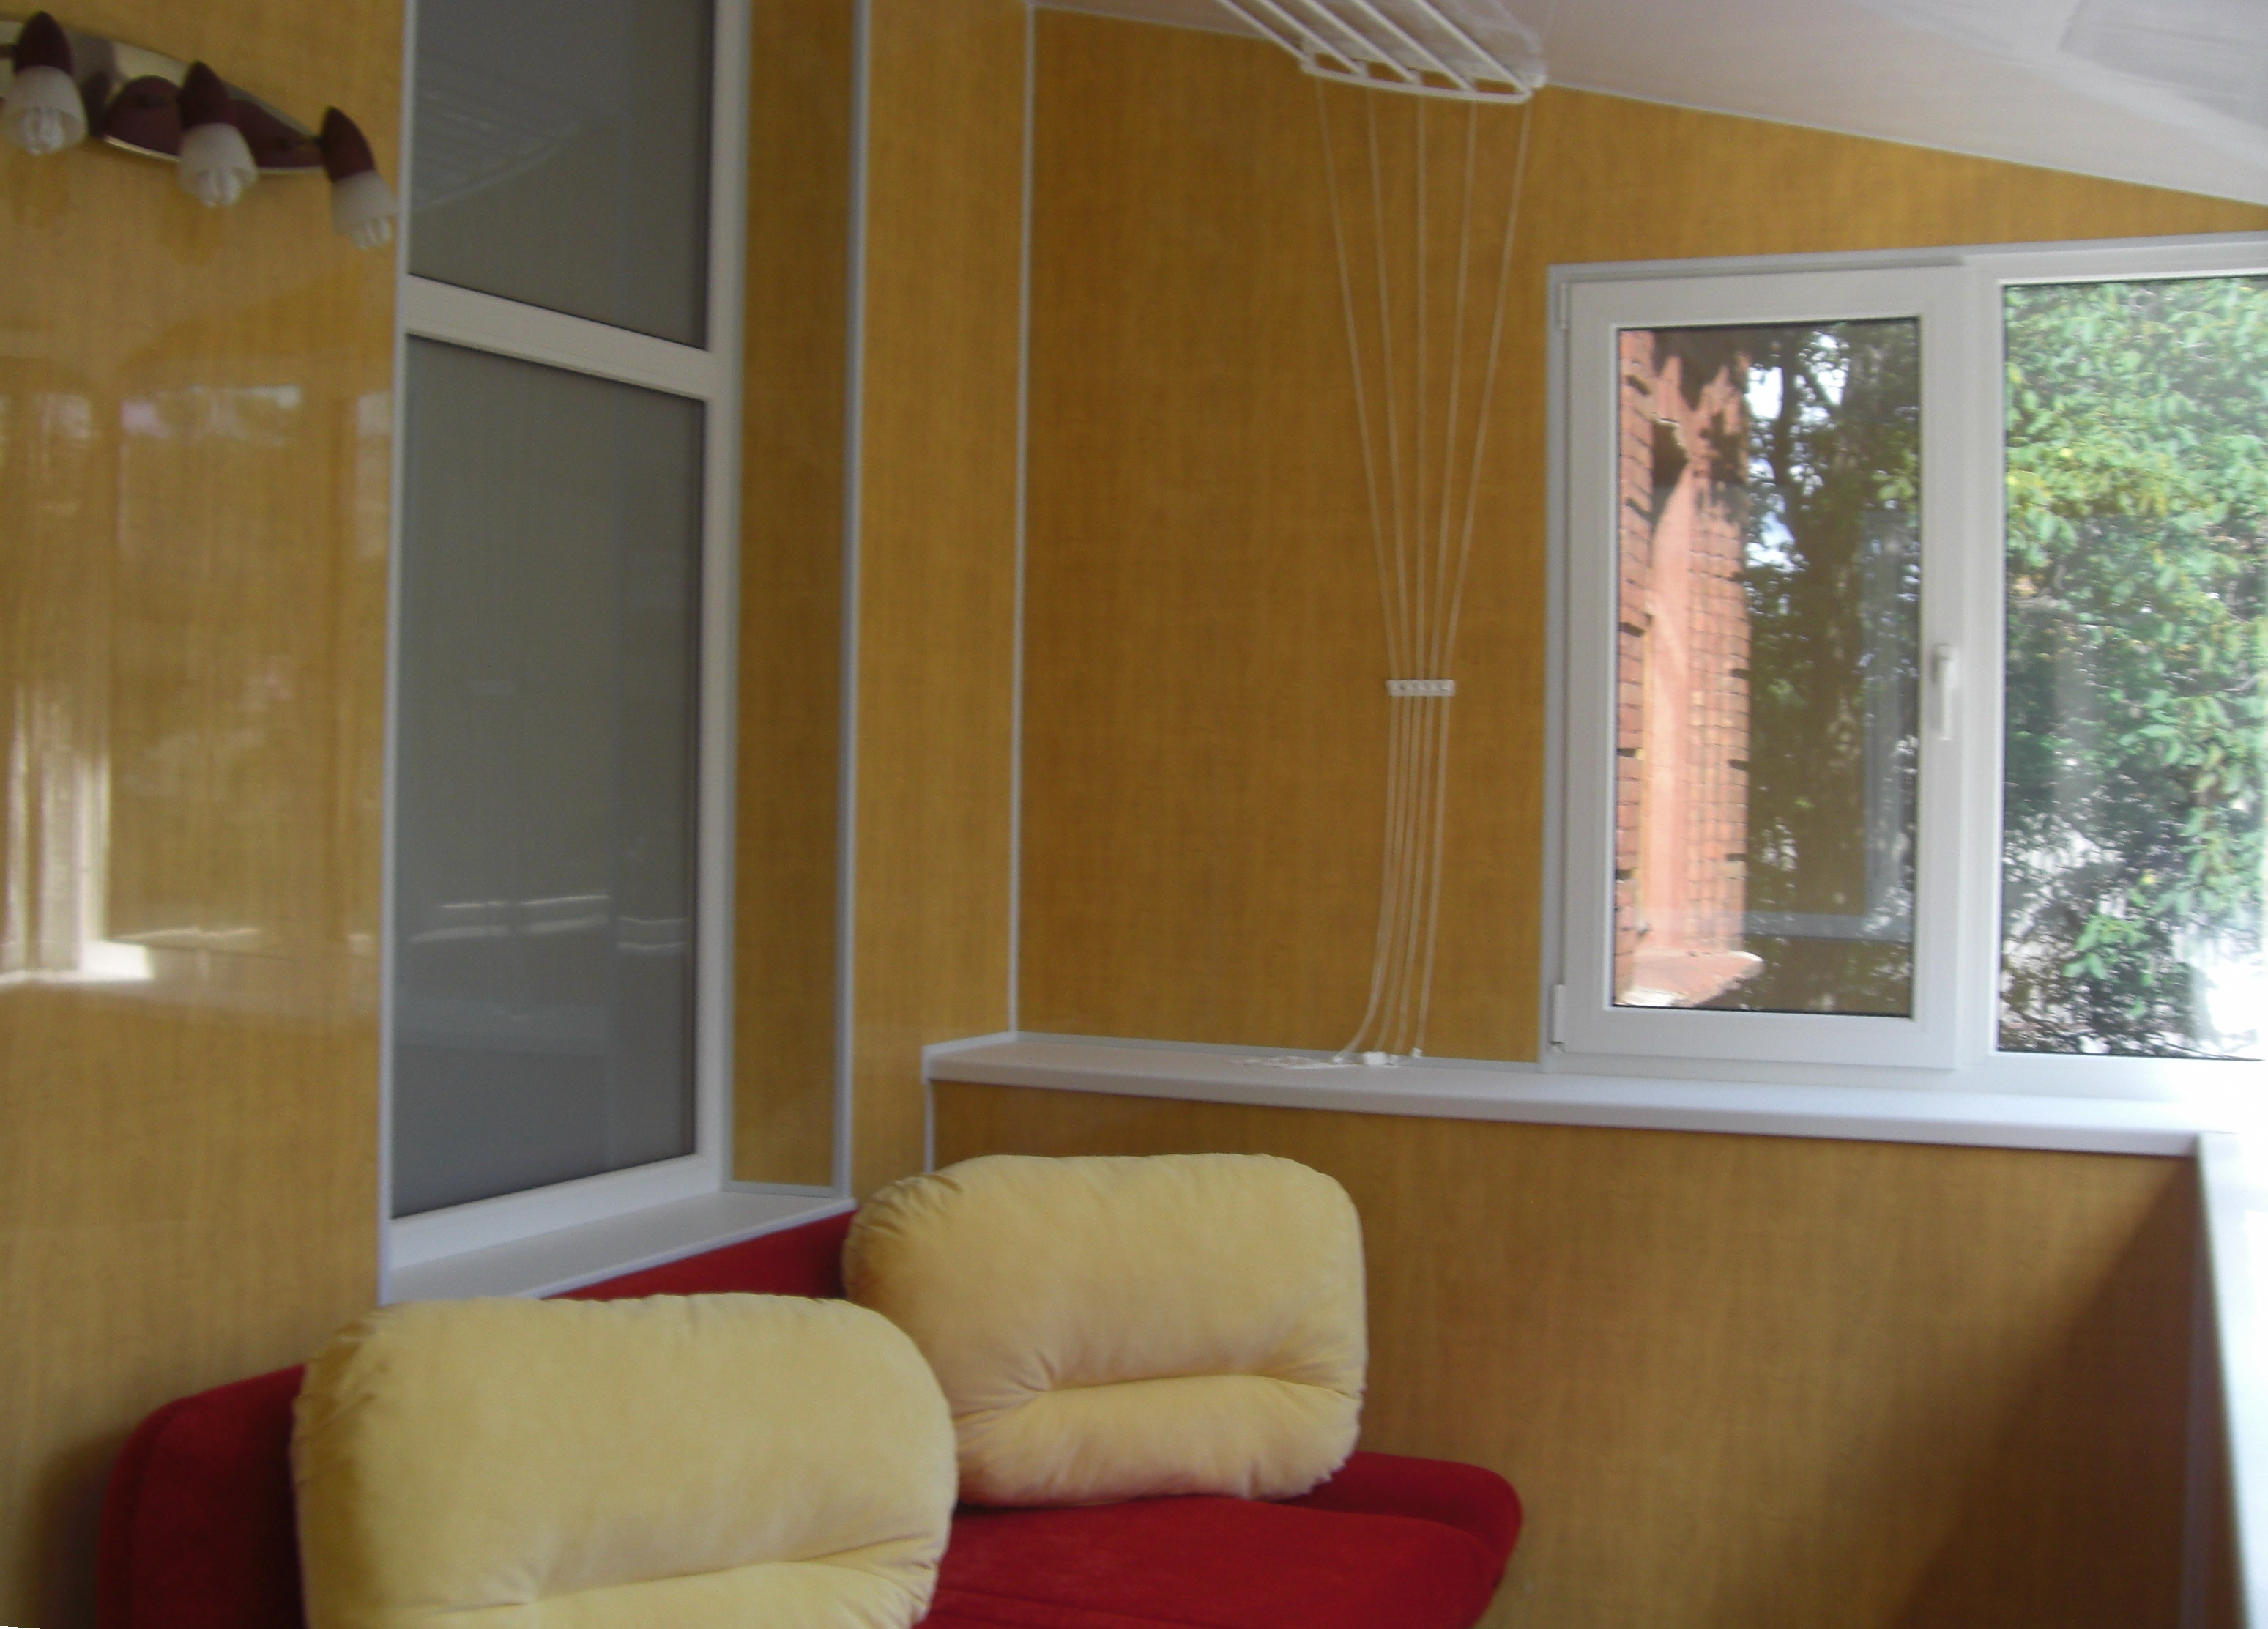 Балкон пол ключ, остекление балкона, утепление лоджии, сварка балкона